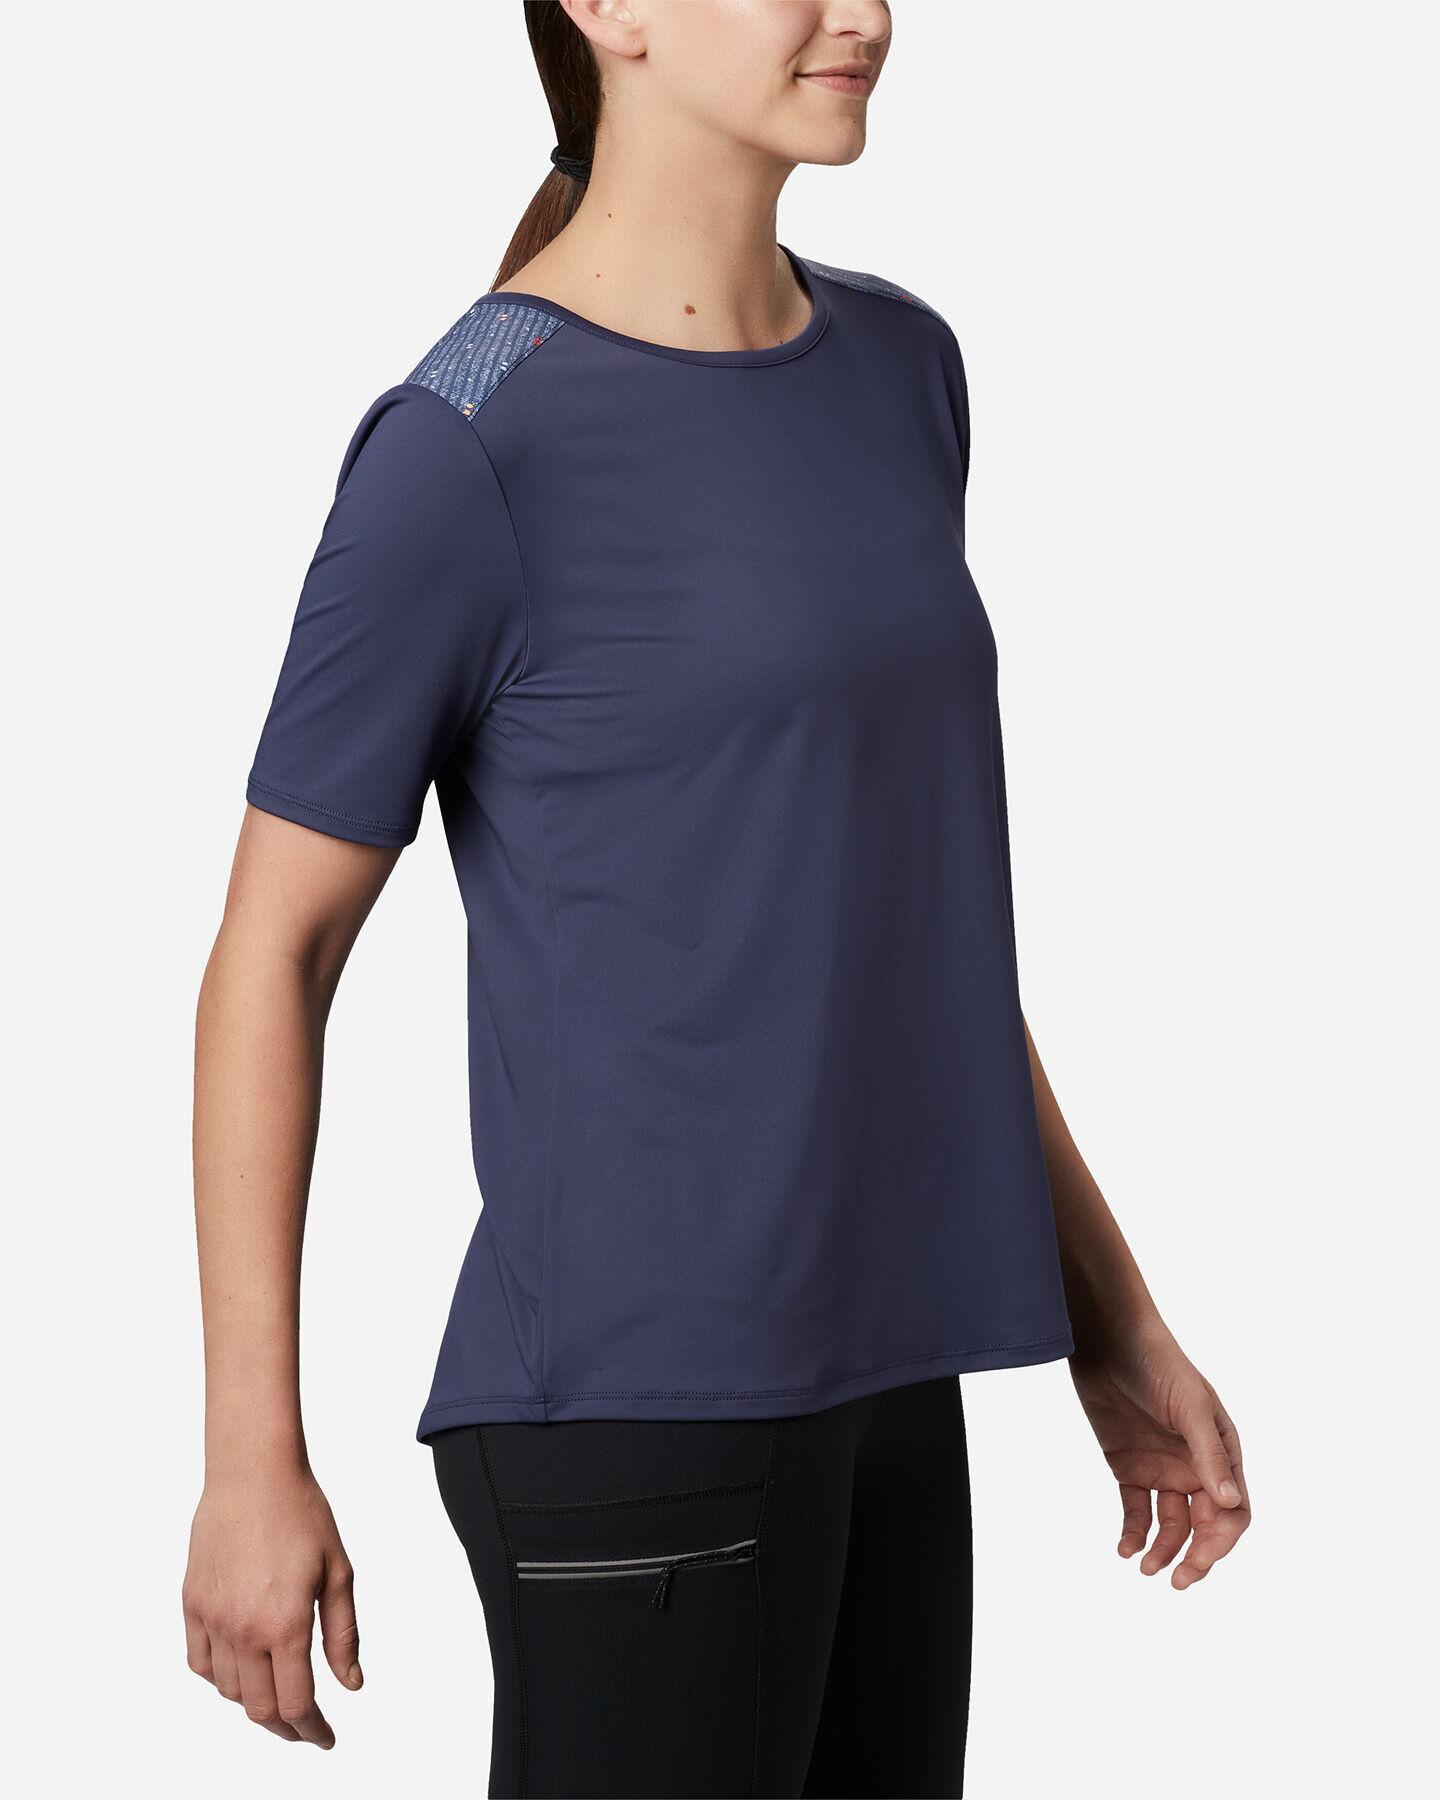 T-Shirt COLUMBIA CHILL RIVER W S5174997 scatto 2